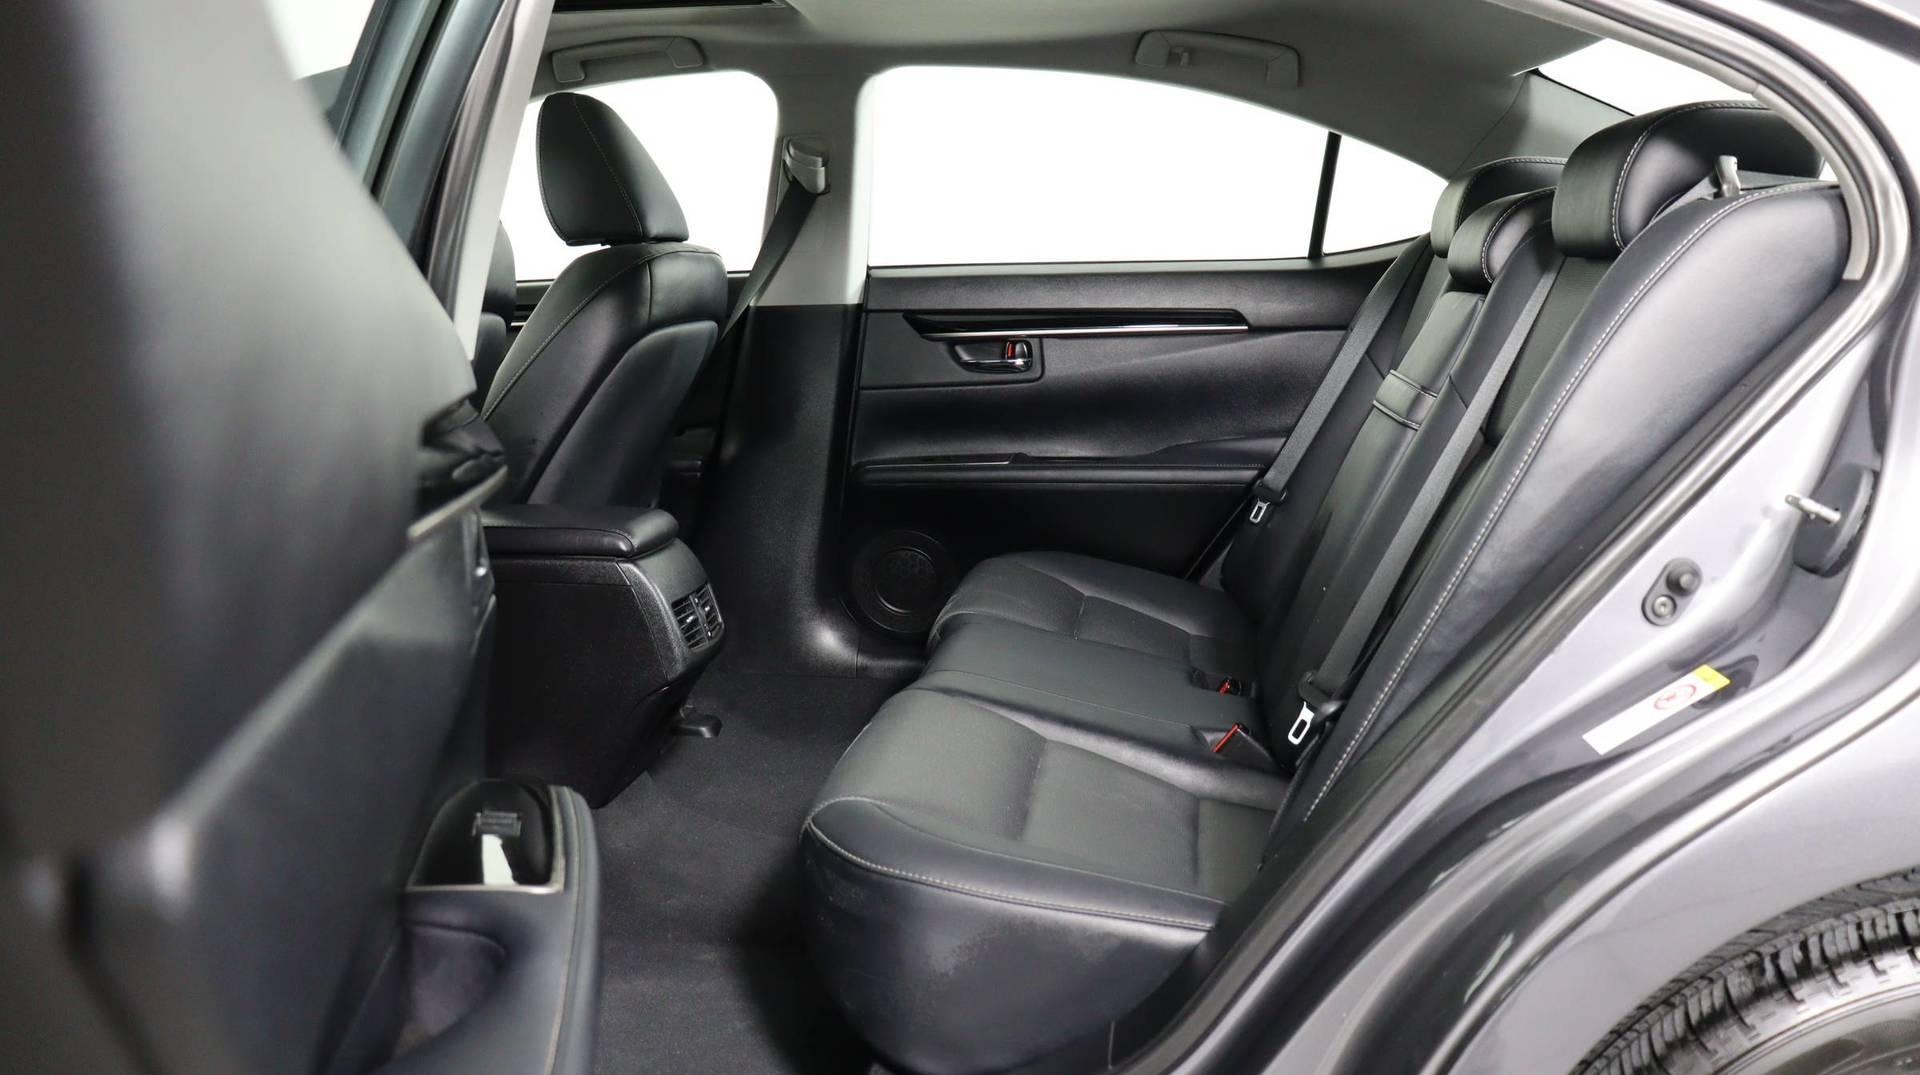 Carvix - Used vehicle - Sedan LEXUS ES 2018